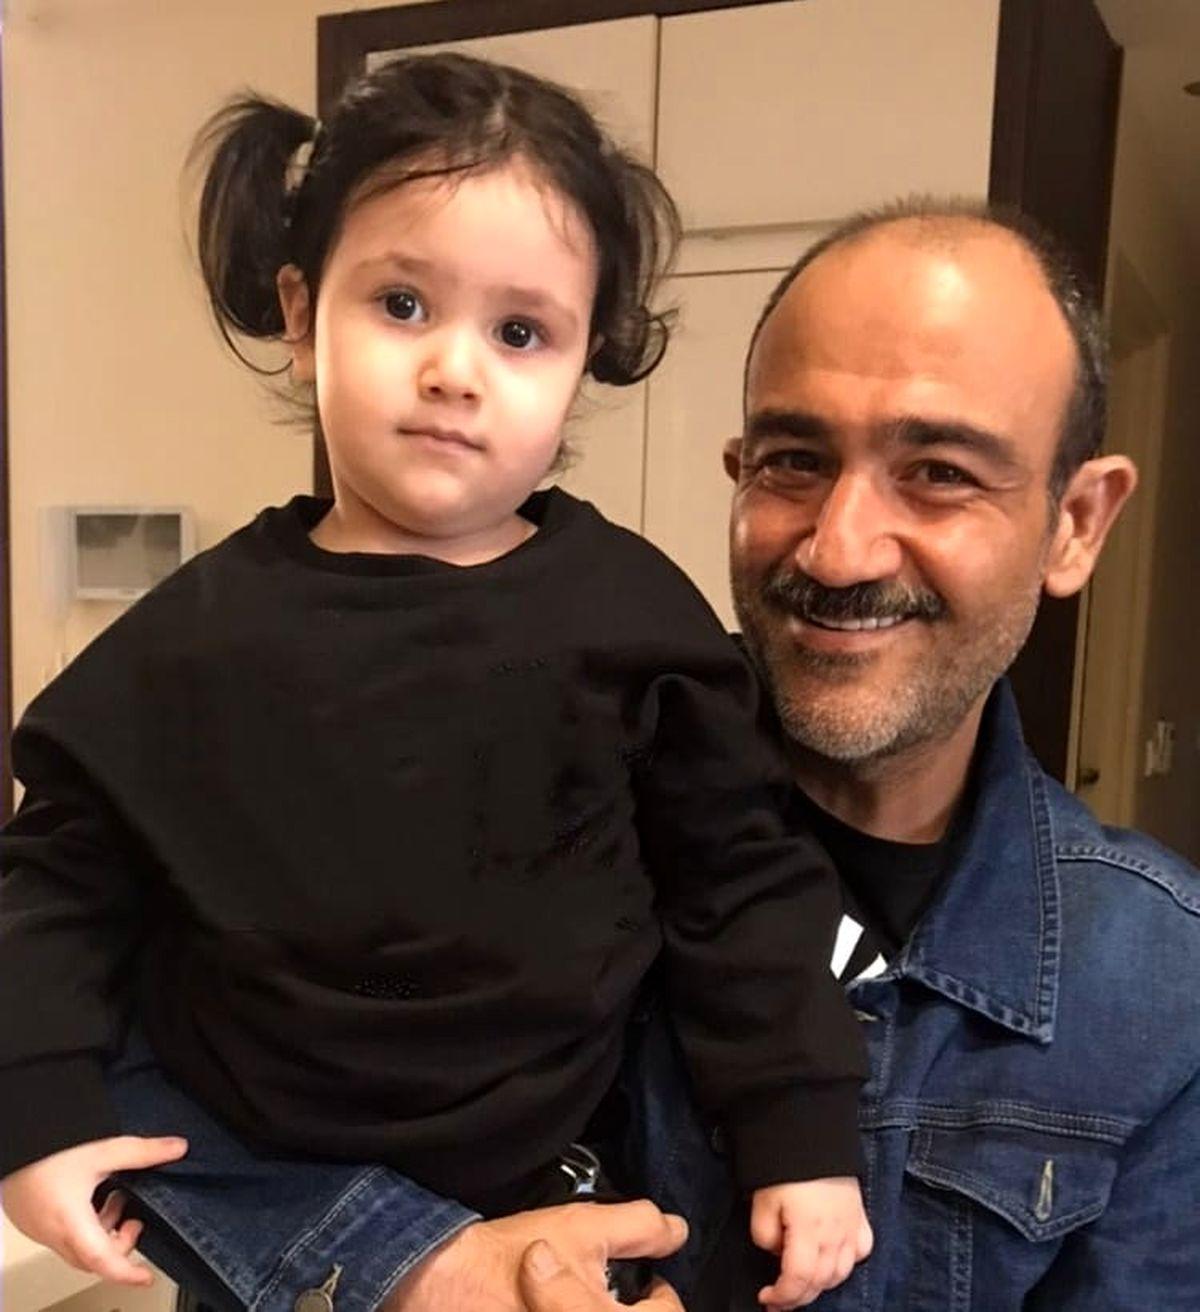 تیپ نامتعارف مهران غفوریان و دخترش برای رفتن به سوپرمارکت +فیلم